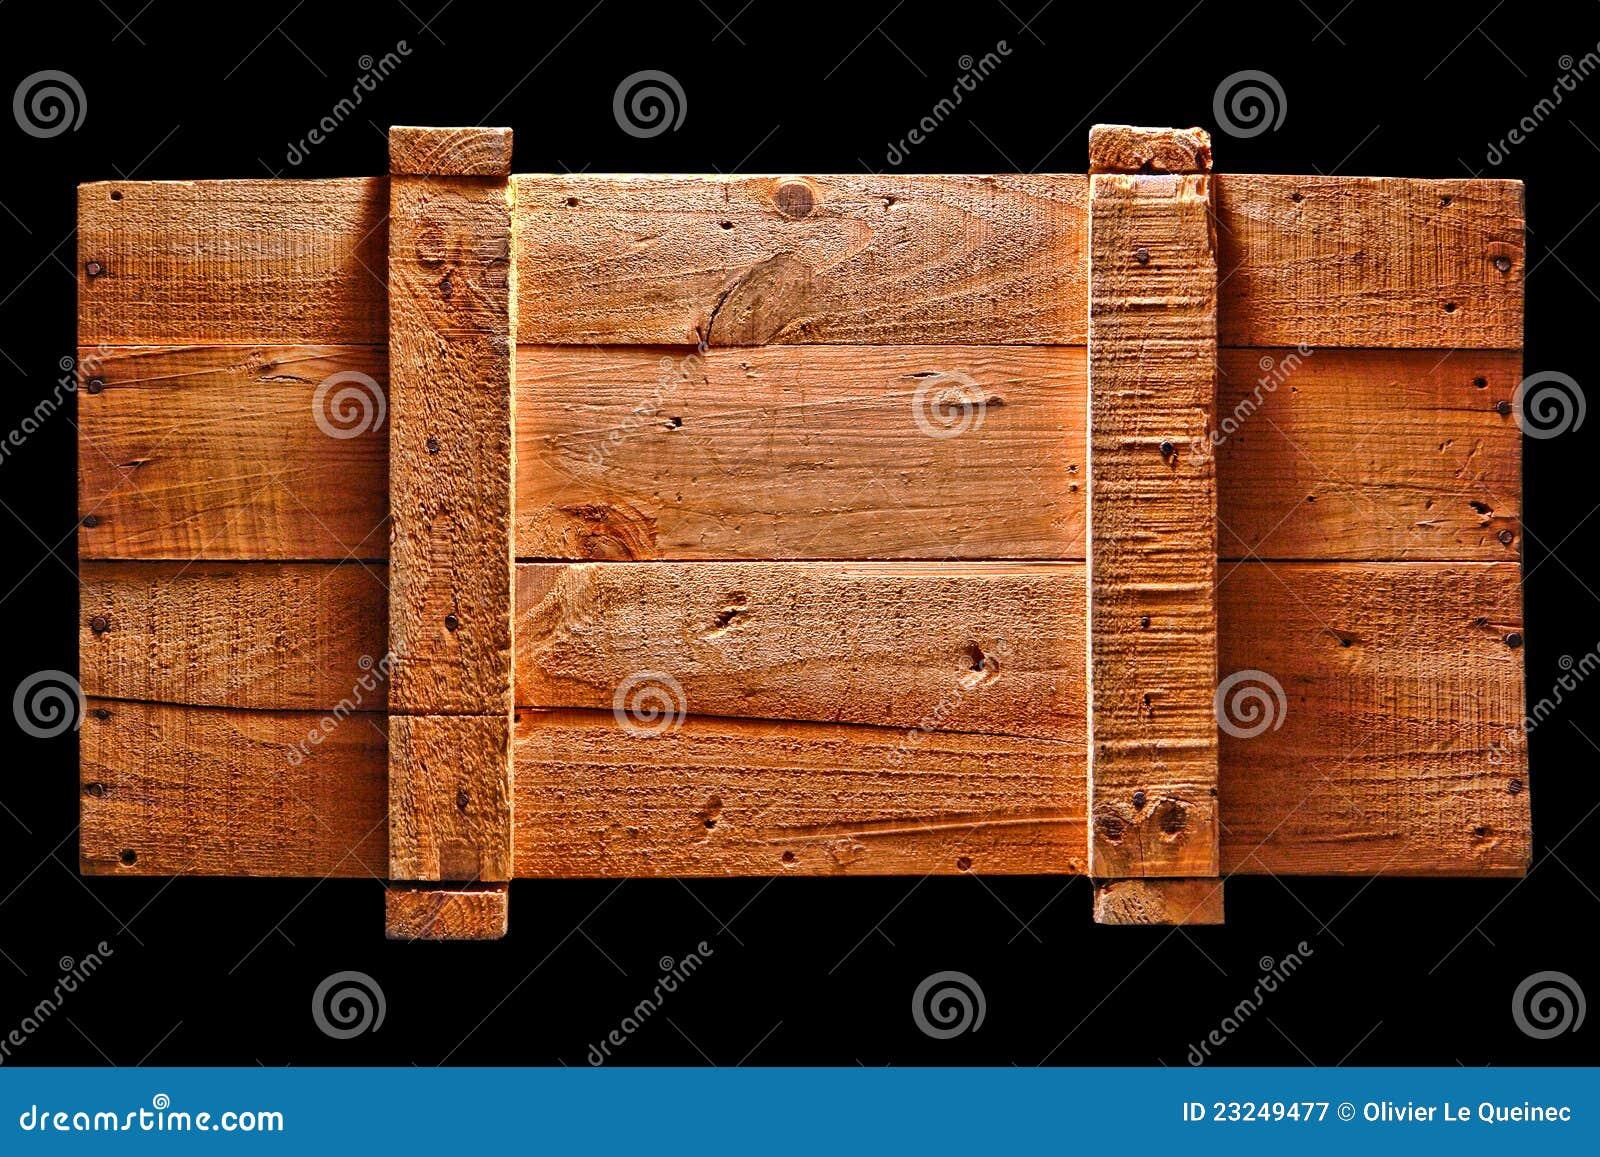 Photographie stock libre de droits Vieille caisse en bois antique d  ~ Vieille Caisse En Bois